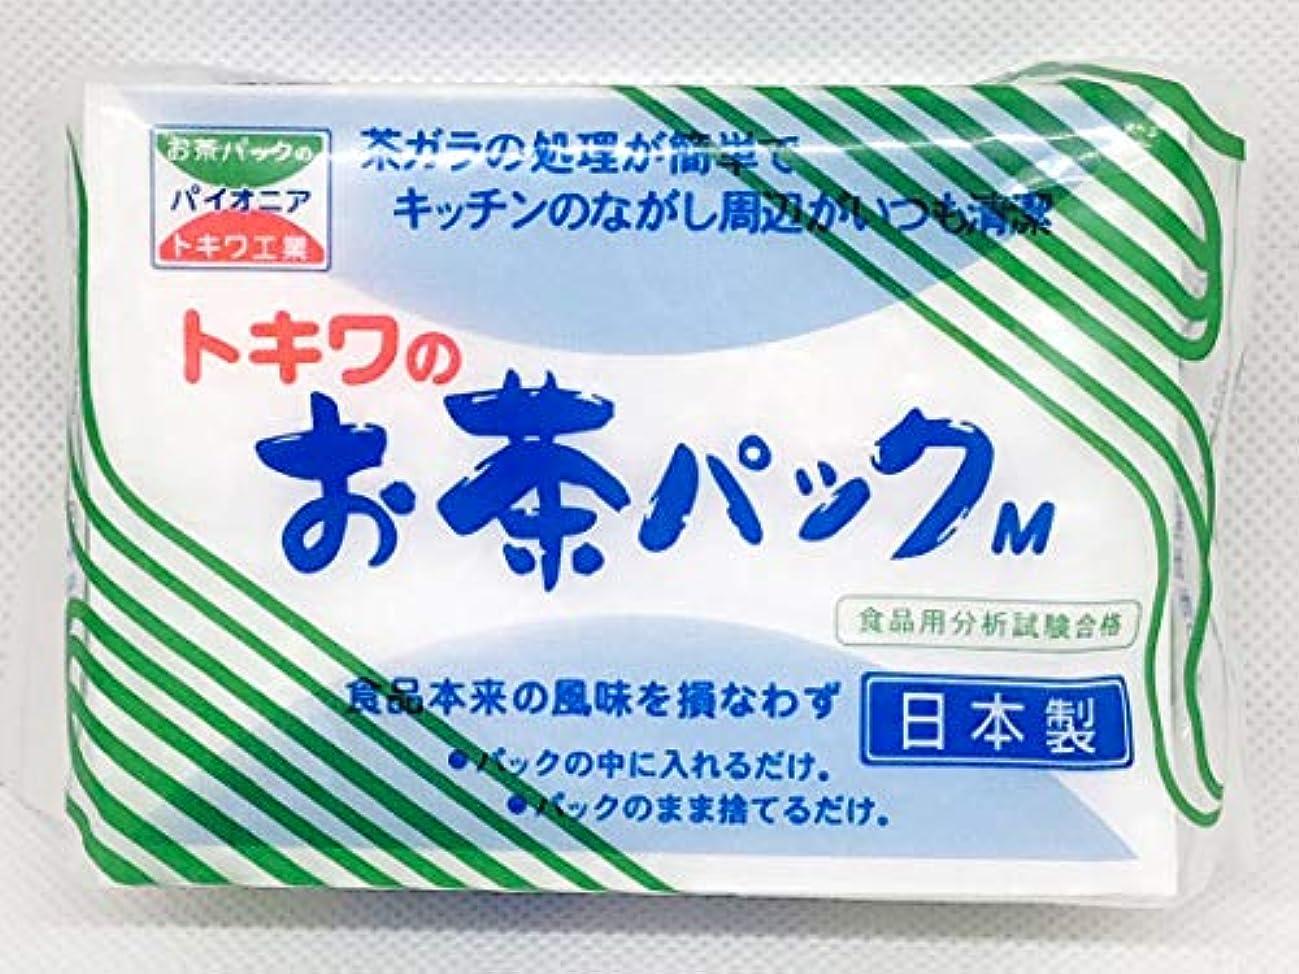 それから輸血殺しますトキワのお茶パック M 60枚入